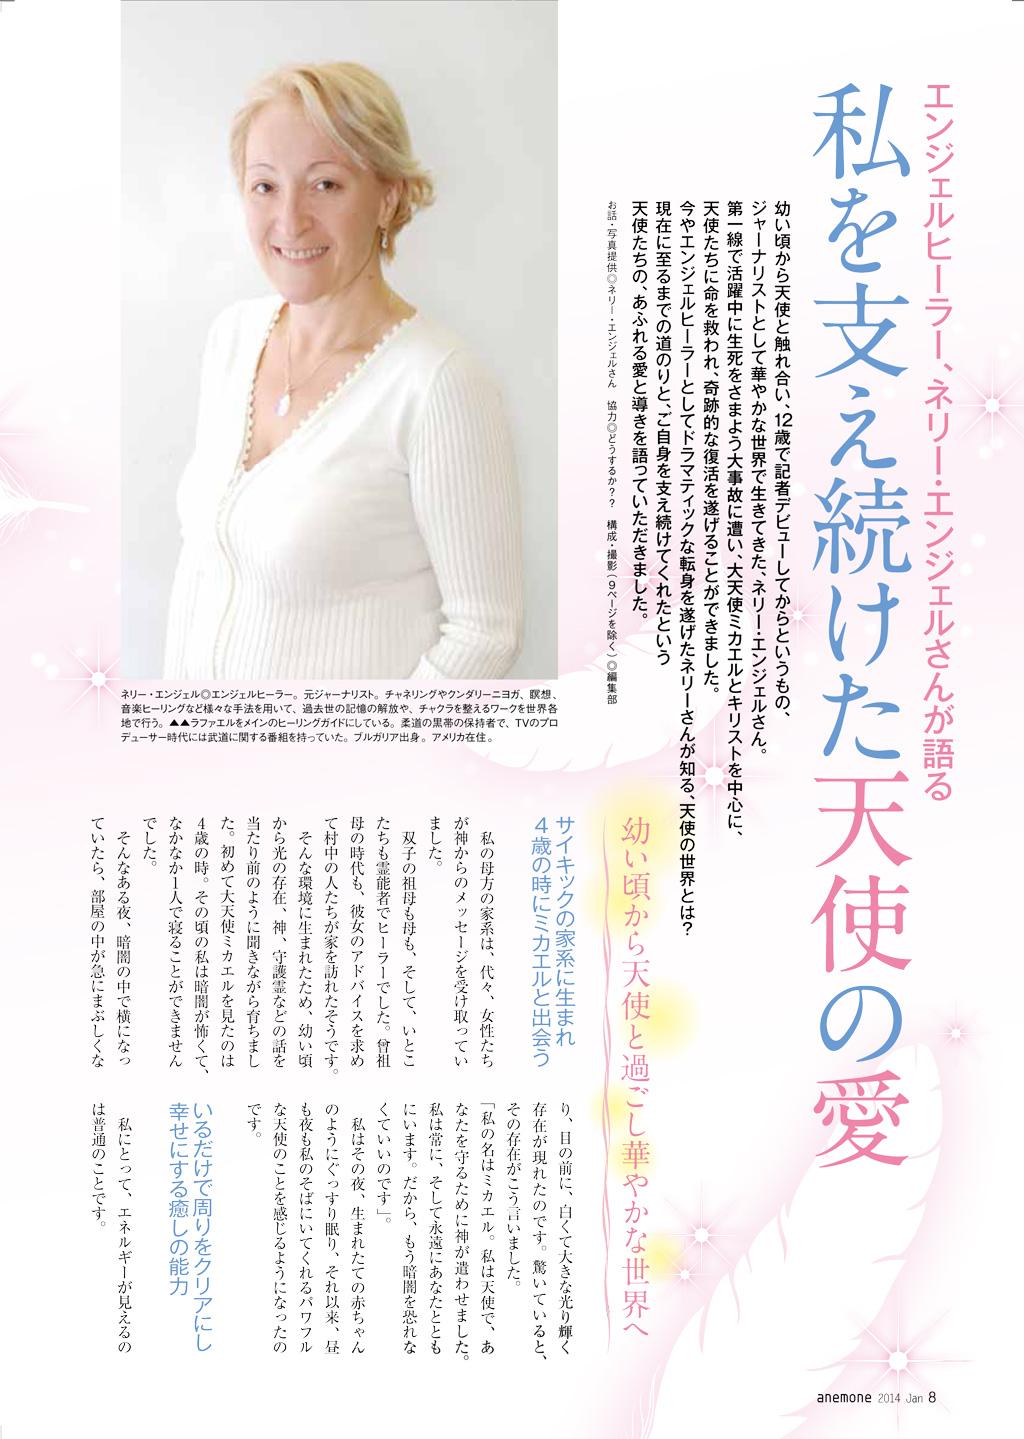 Anemon-Jan-2014-page1